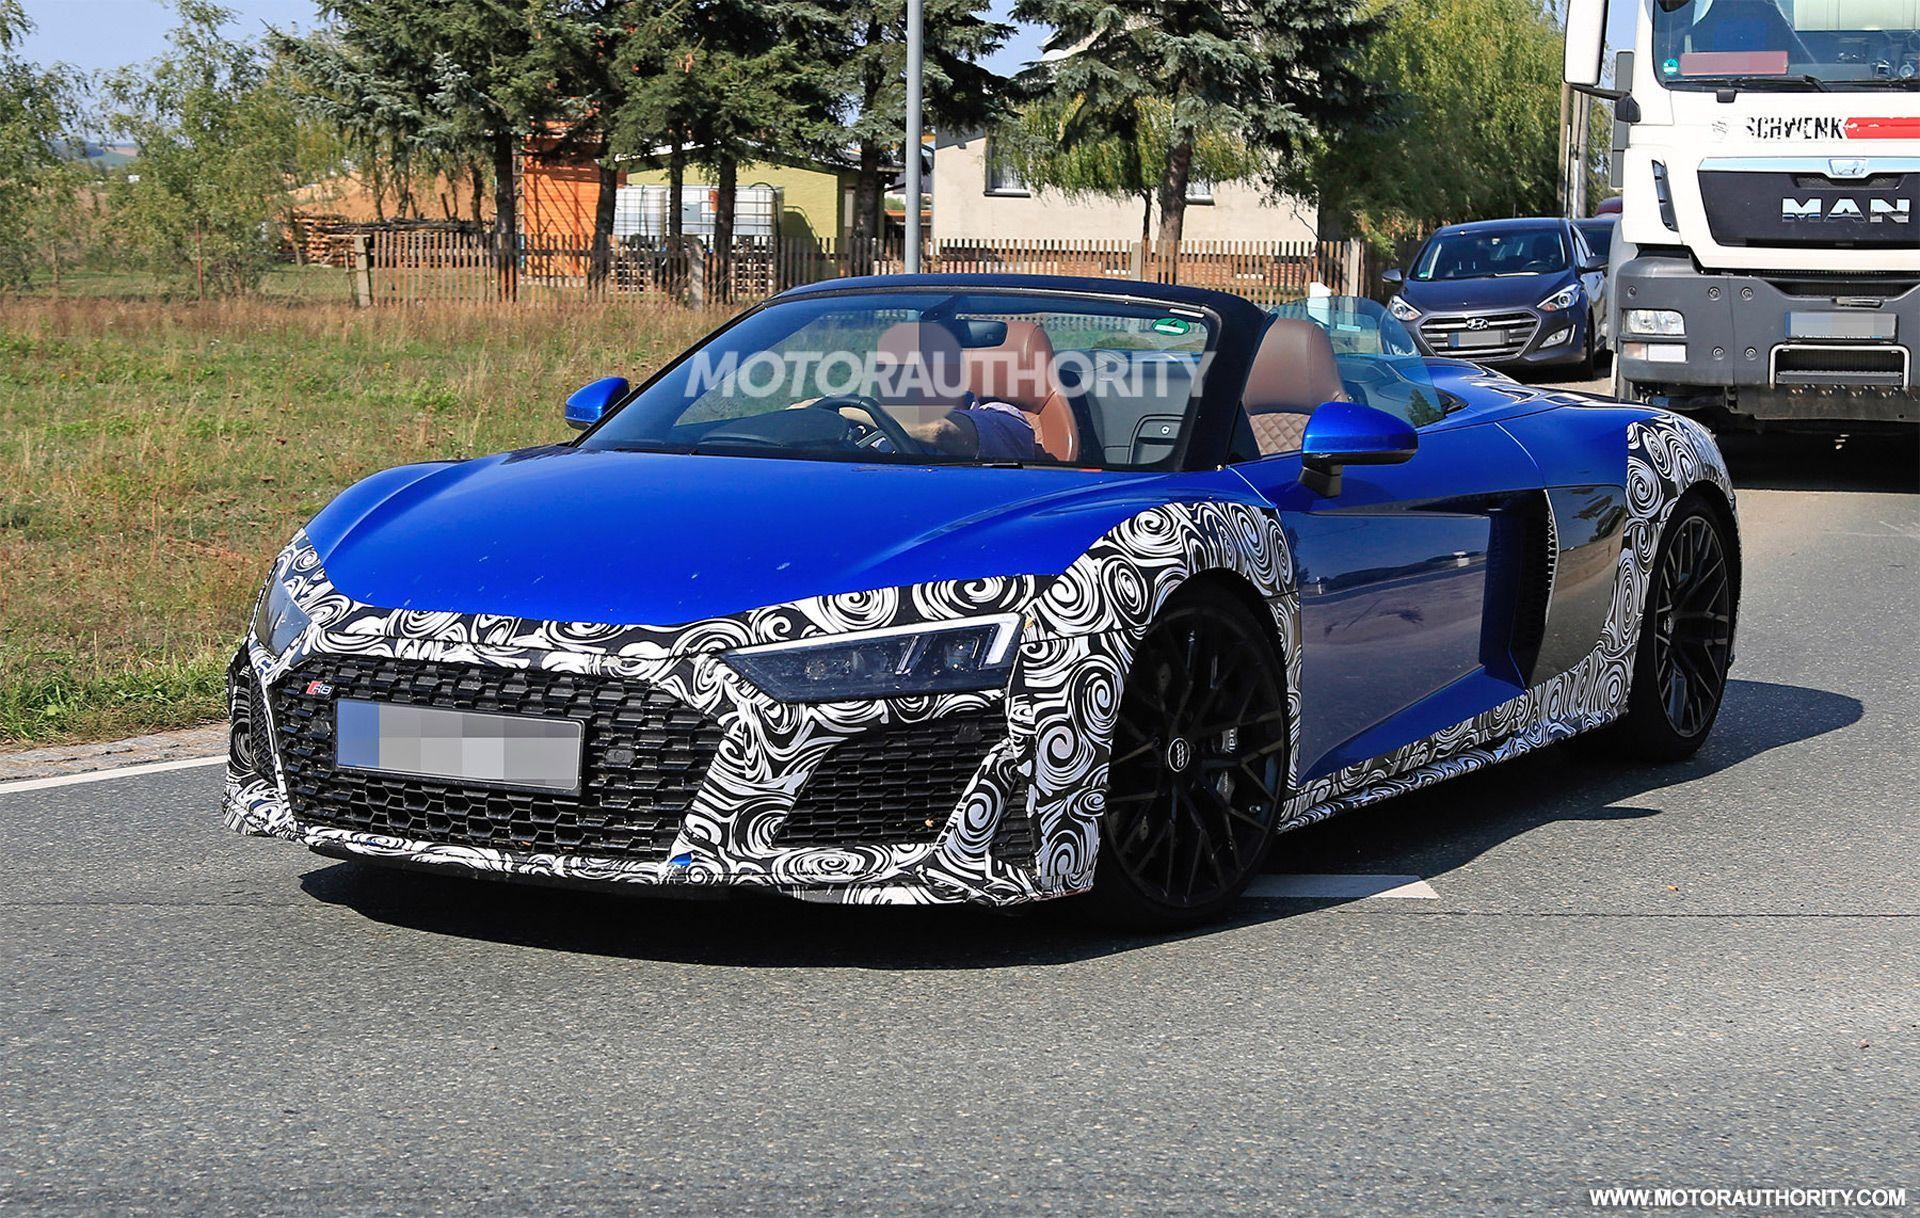 2020 Audi R8 V10 Spyder Pictures Audi R8 Spyder Audi Audi R8 V10